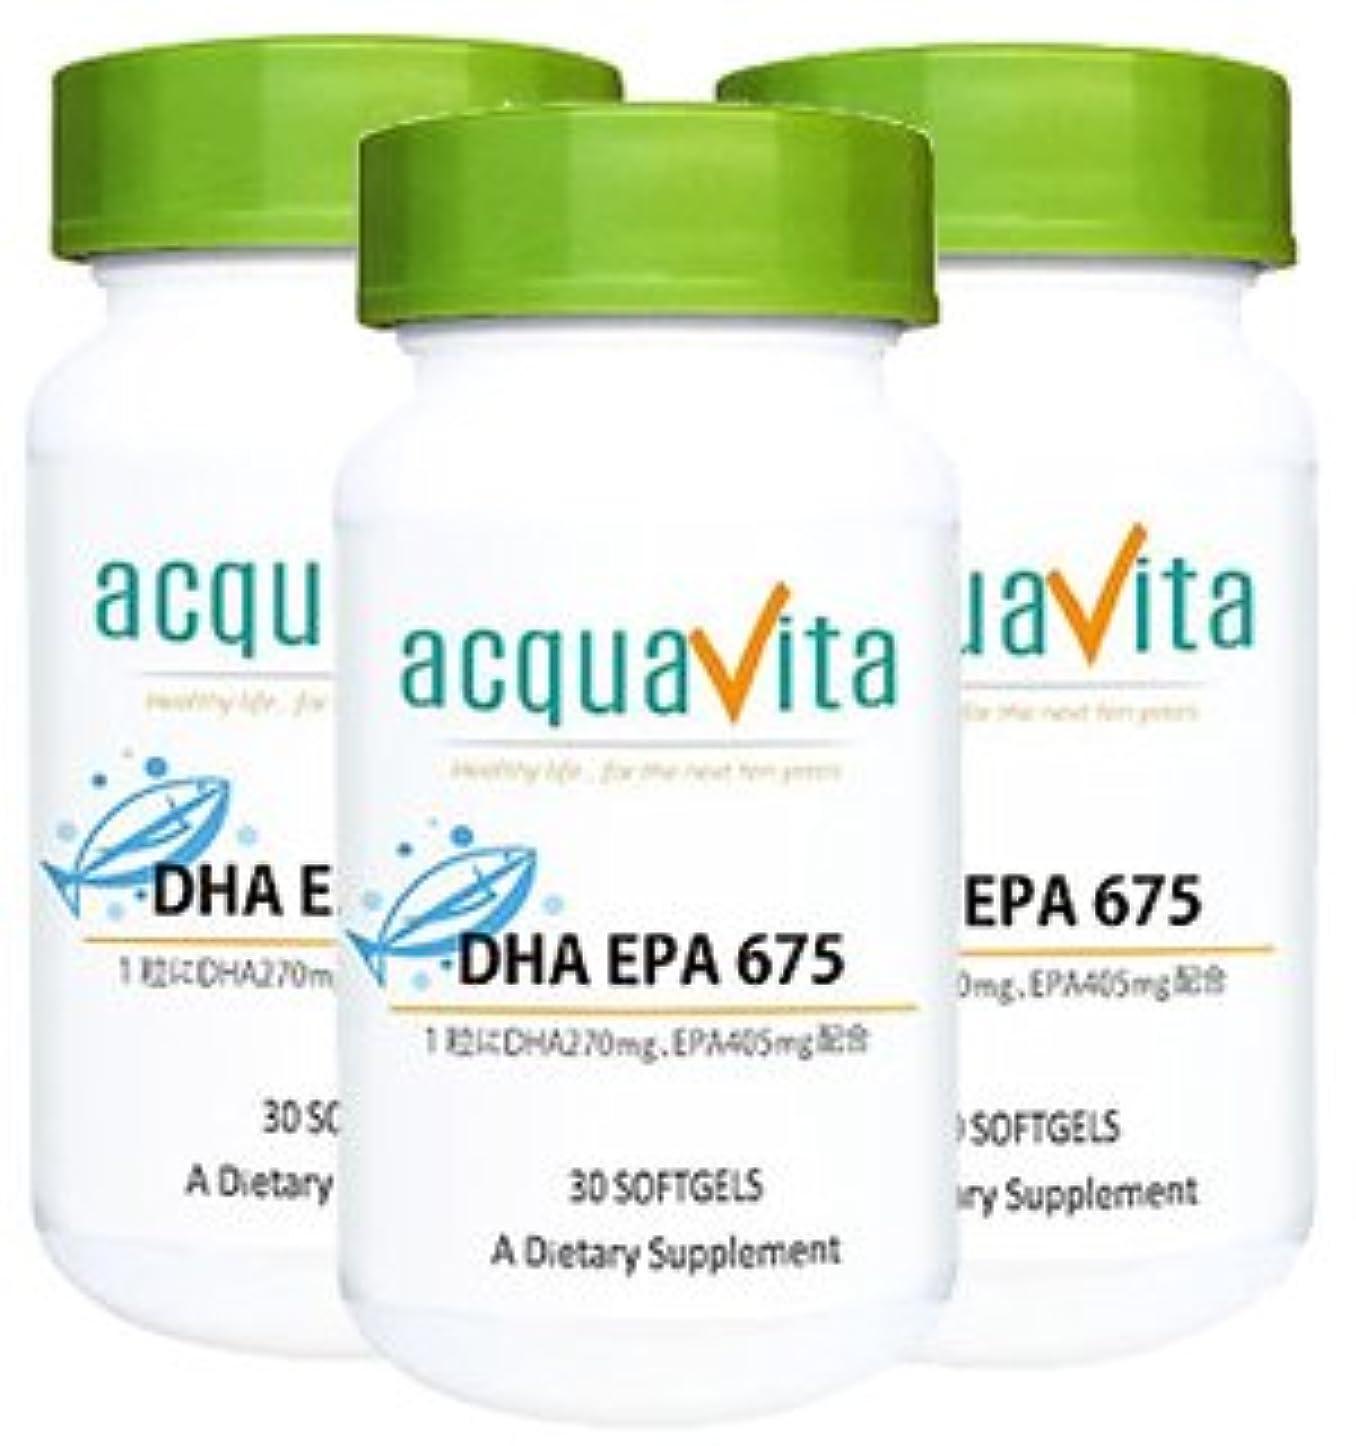 シンポジウム廃止する男性アクアヴィータ DHA?EPA675 30粒(アクアビータ?Acquavita)【3本セット】